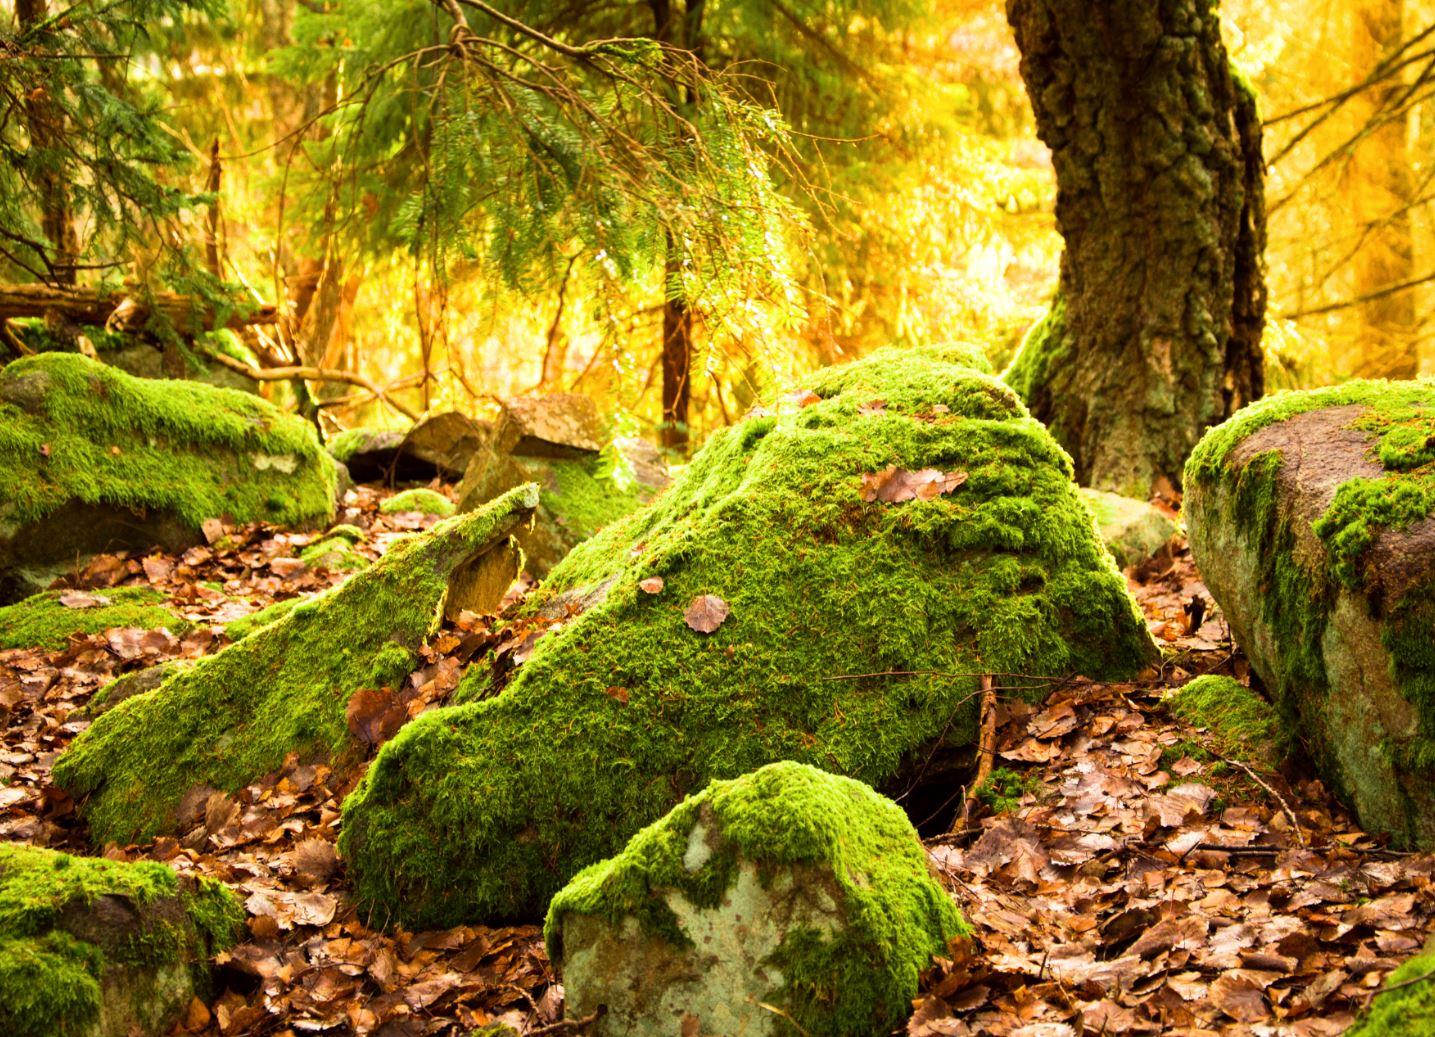 Hawkhill metsä forest